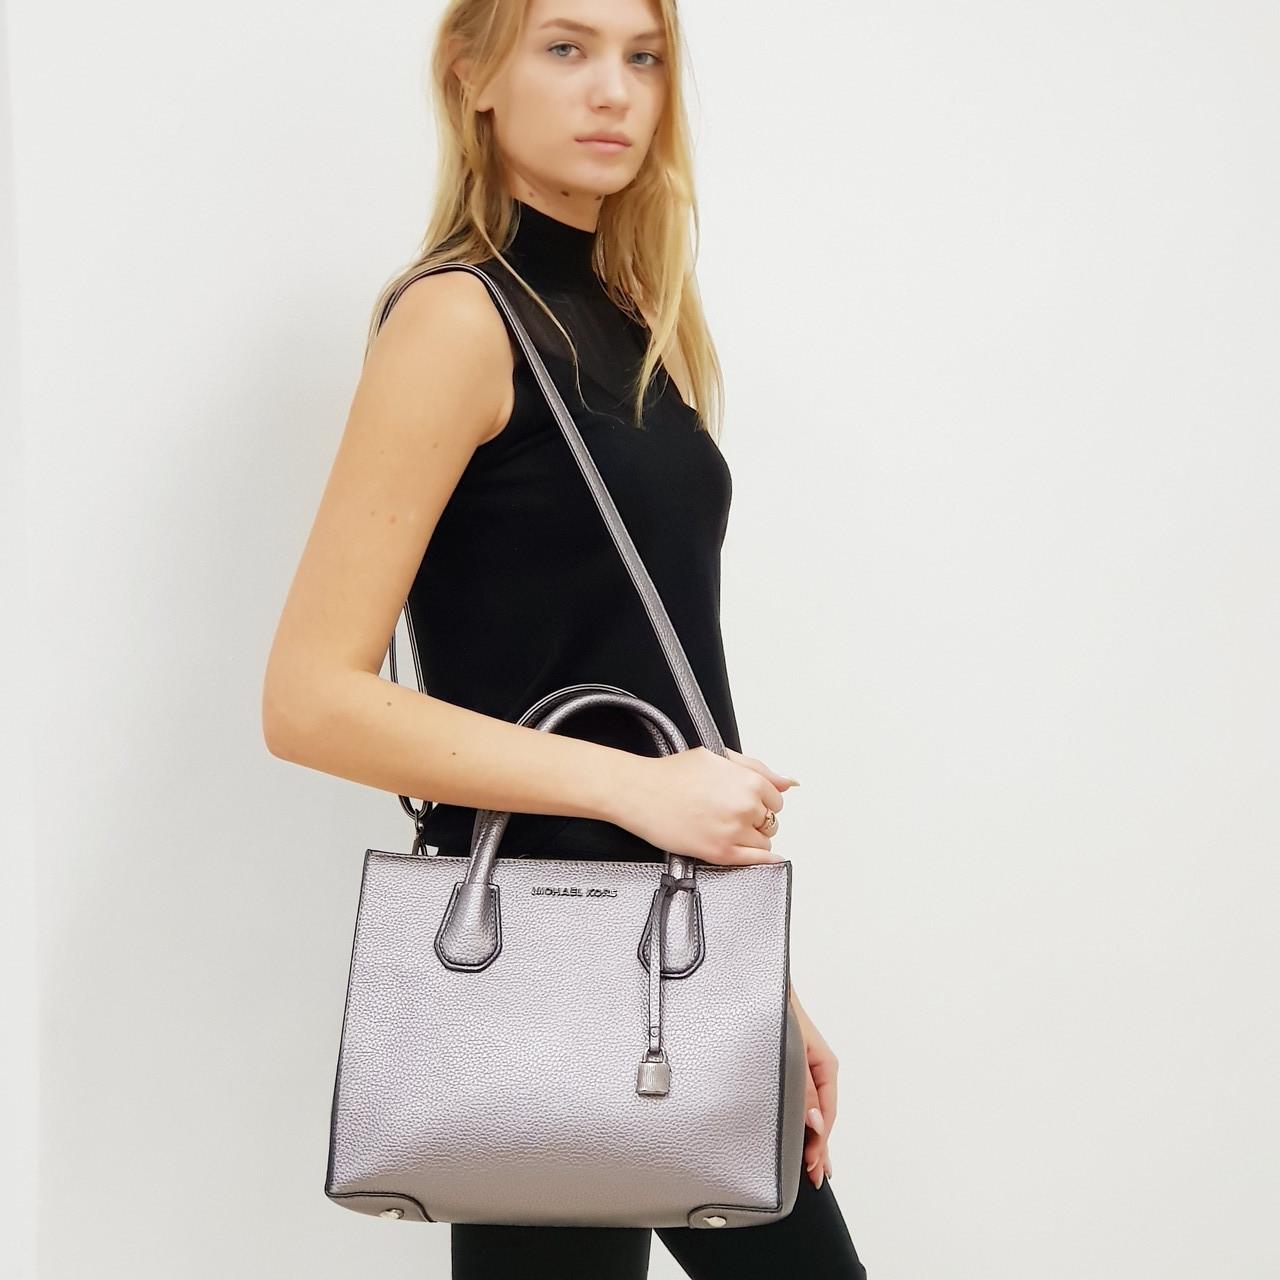 Женская средняя сумка темное  серебристая MK большая повседневная